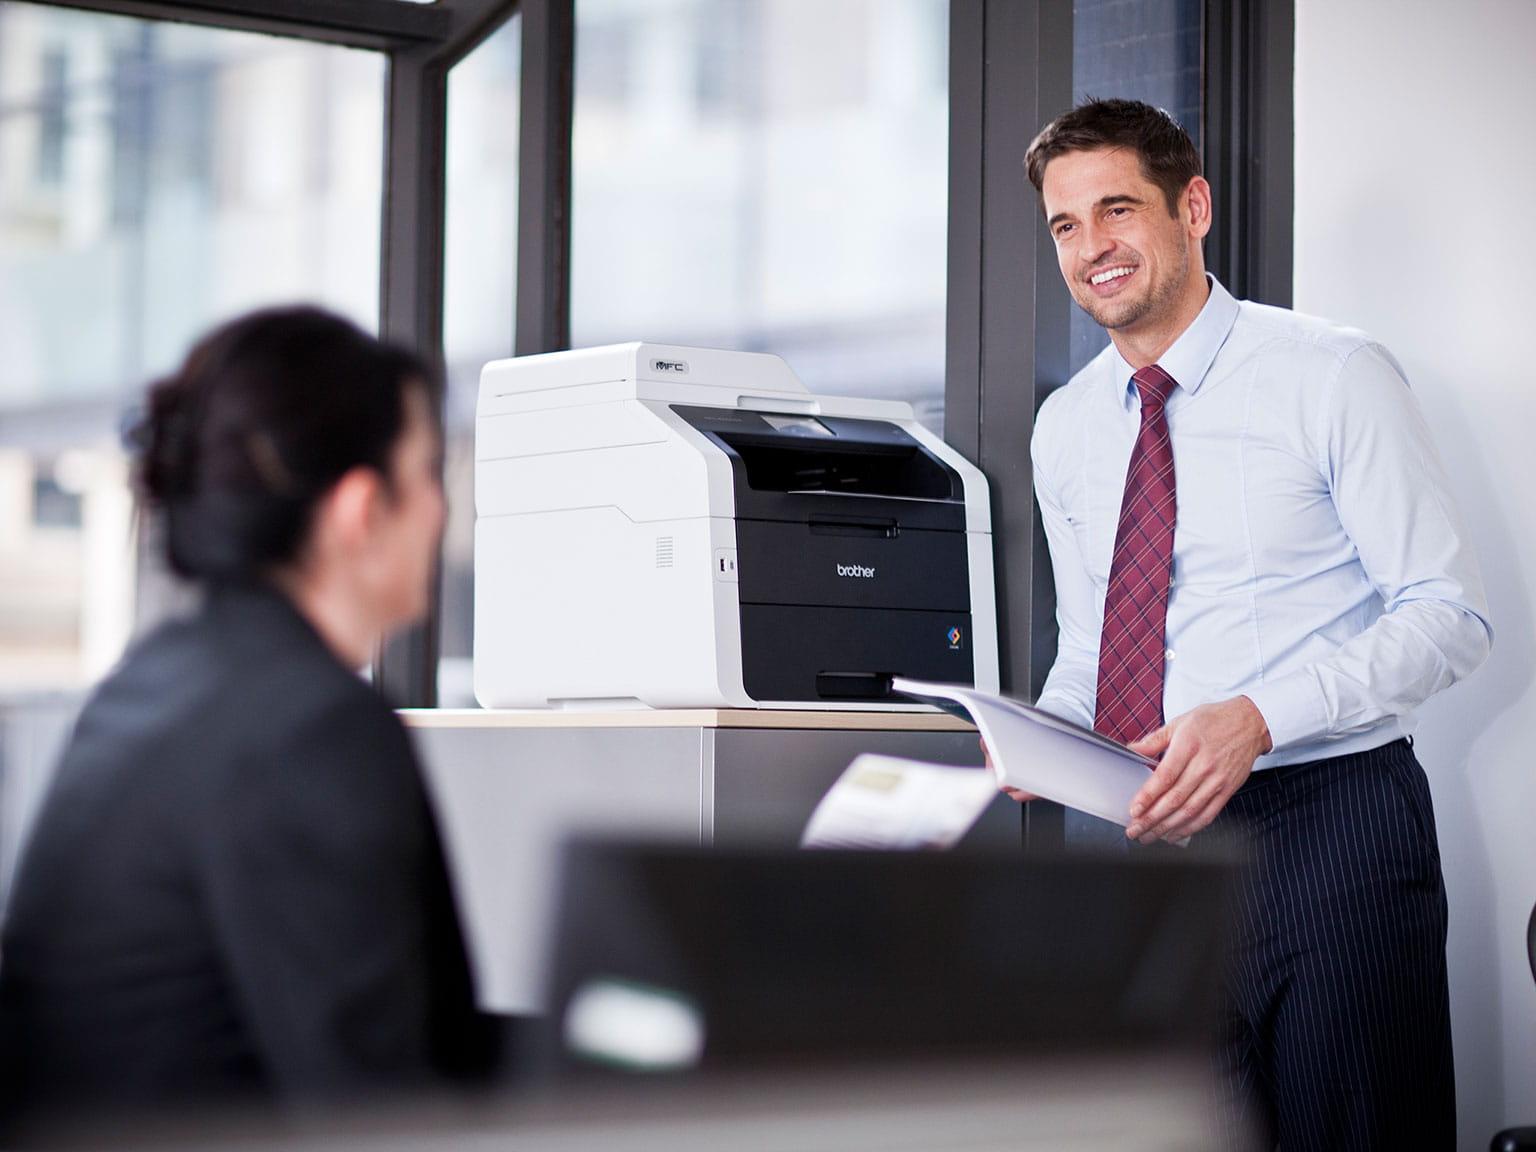 Muž pri tlačiarni v kancelárii